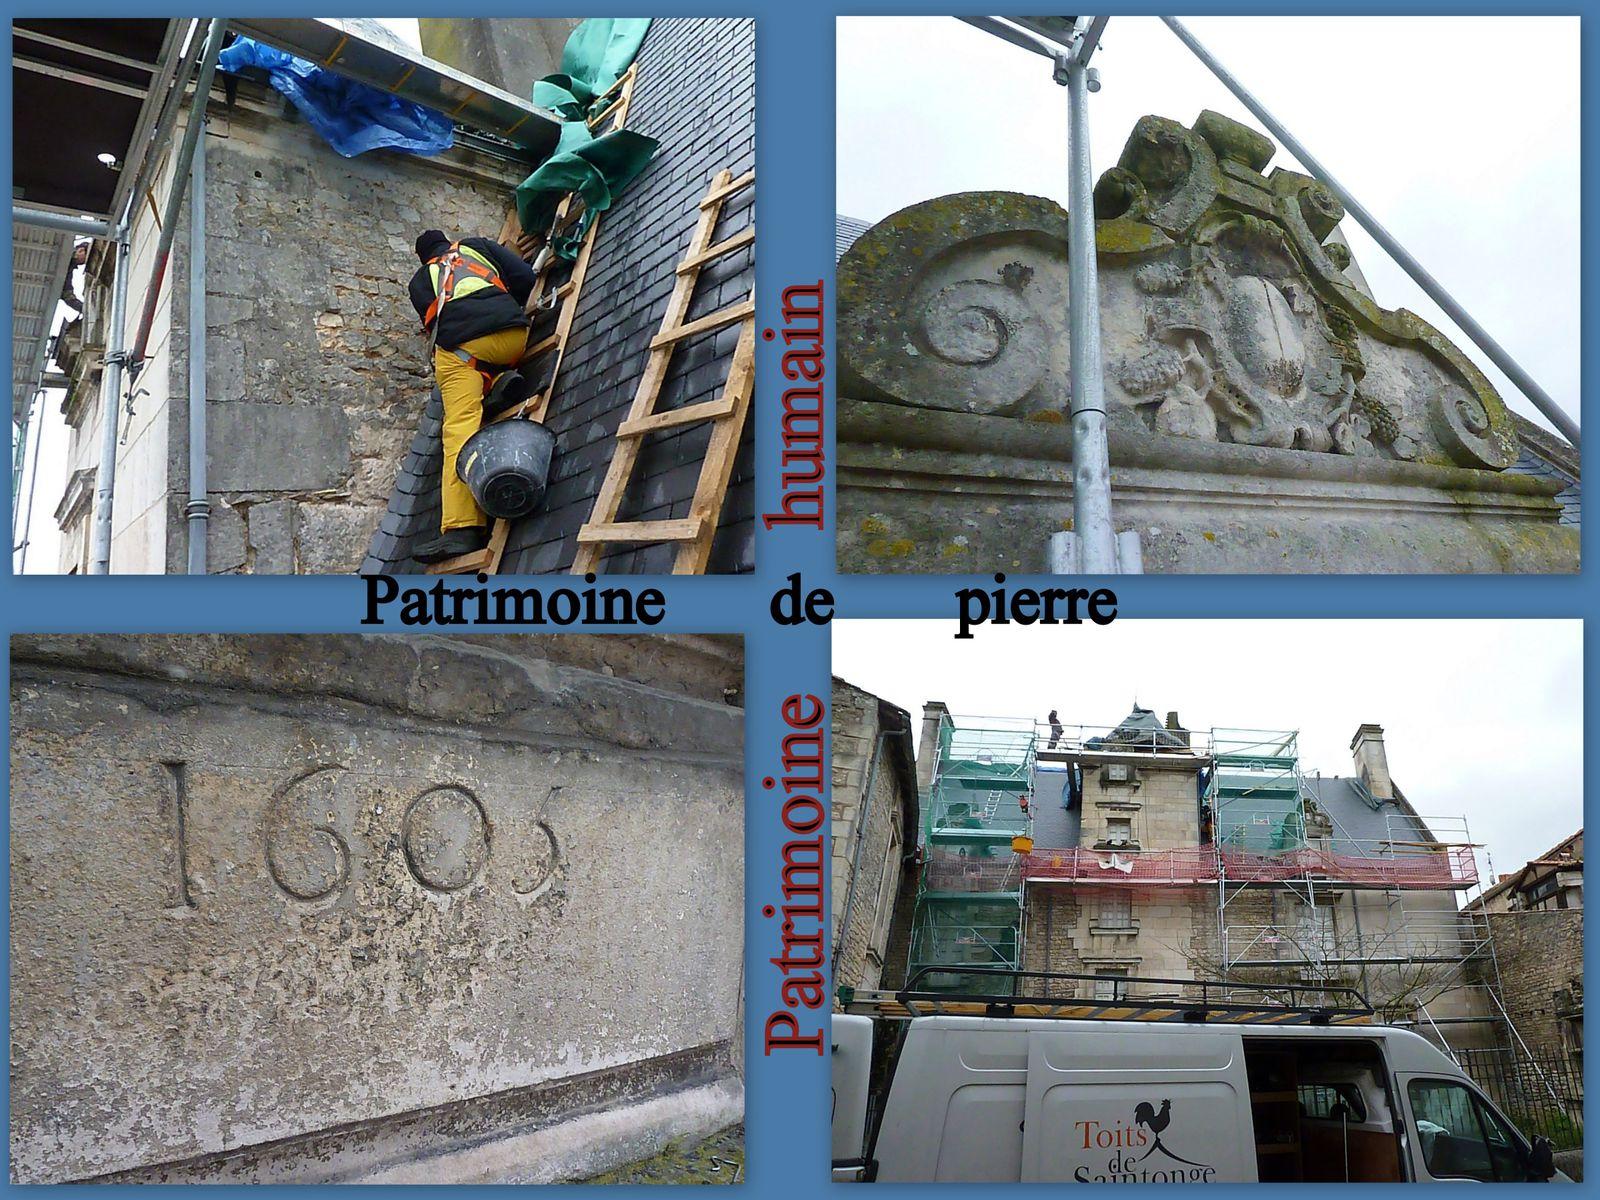 Nous remercions l'entreprise «  Les toits de Saintonge » (et la ville de Saintes) qui nous a permis cette série de photos hommage à des travailleurs spécialisés sur les toitures. Cette prospection ne fut pas que photographique, voire sociétale (valorisation du travail), mais elle était aussi une recherche d'indices historiques. En fait aucun graffiti n'a été découvert, pas plus que des pierres de second emploi. Par contre il a été possible de réaliser des clichés de face de la date « 1605 »  et d'une fenêtre sculptée.  Merci aux ouvriers qui nous ont réservé le meilleur accueil et facilité le cheminement sur les différents paliers de l'échafaudage.  A savoir que le patron de cette petite entreprise est compagnon du tour de France dans sa spécialité, ce qui l'a mené au cours de son parcours « initiatique » en différents lieux et chantiers sur l'hexagone.